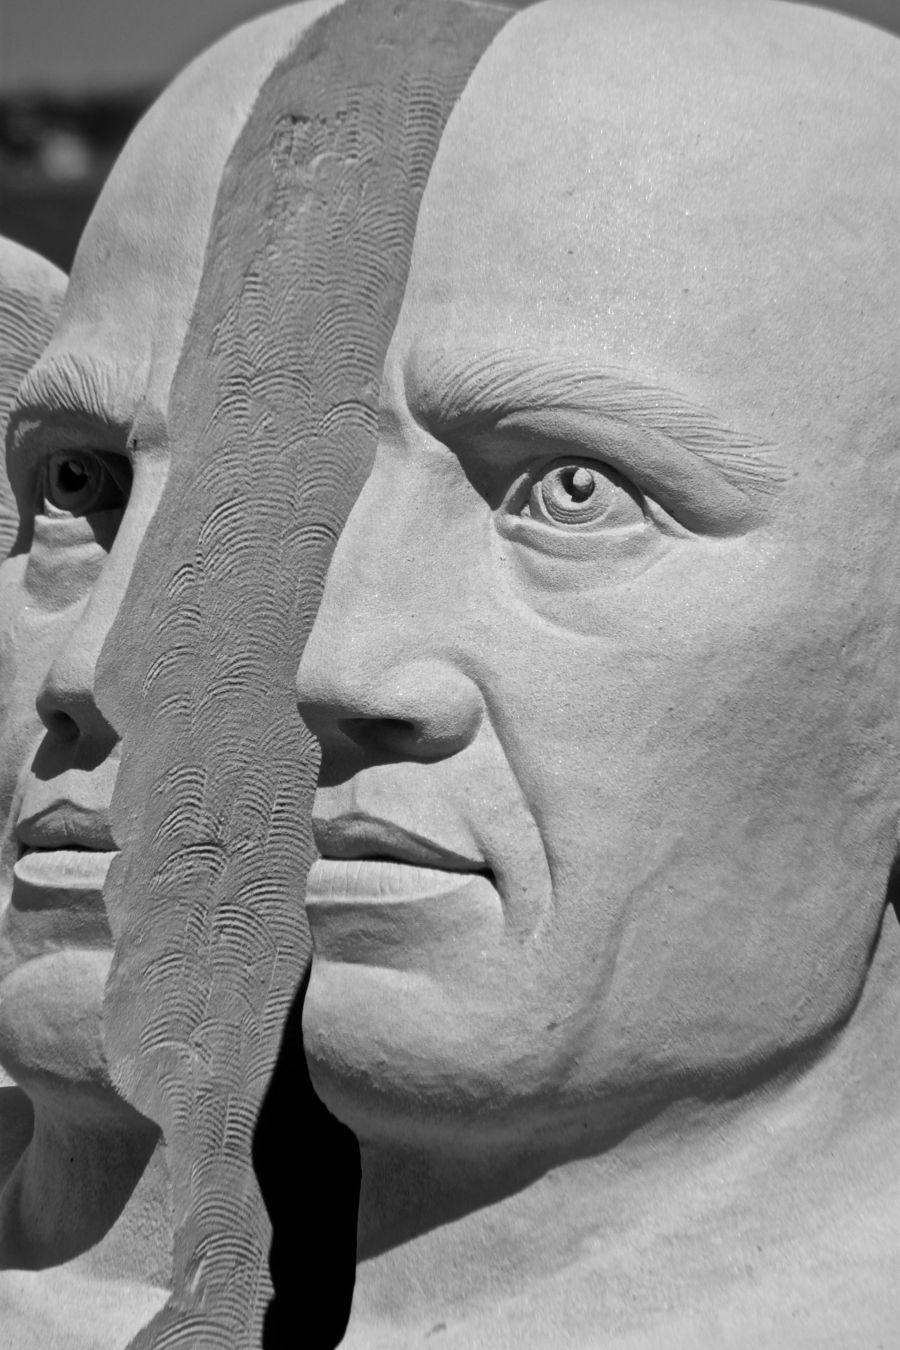 boston revere beach National Sand Sculpting Festival split face sand sculpture black white